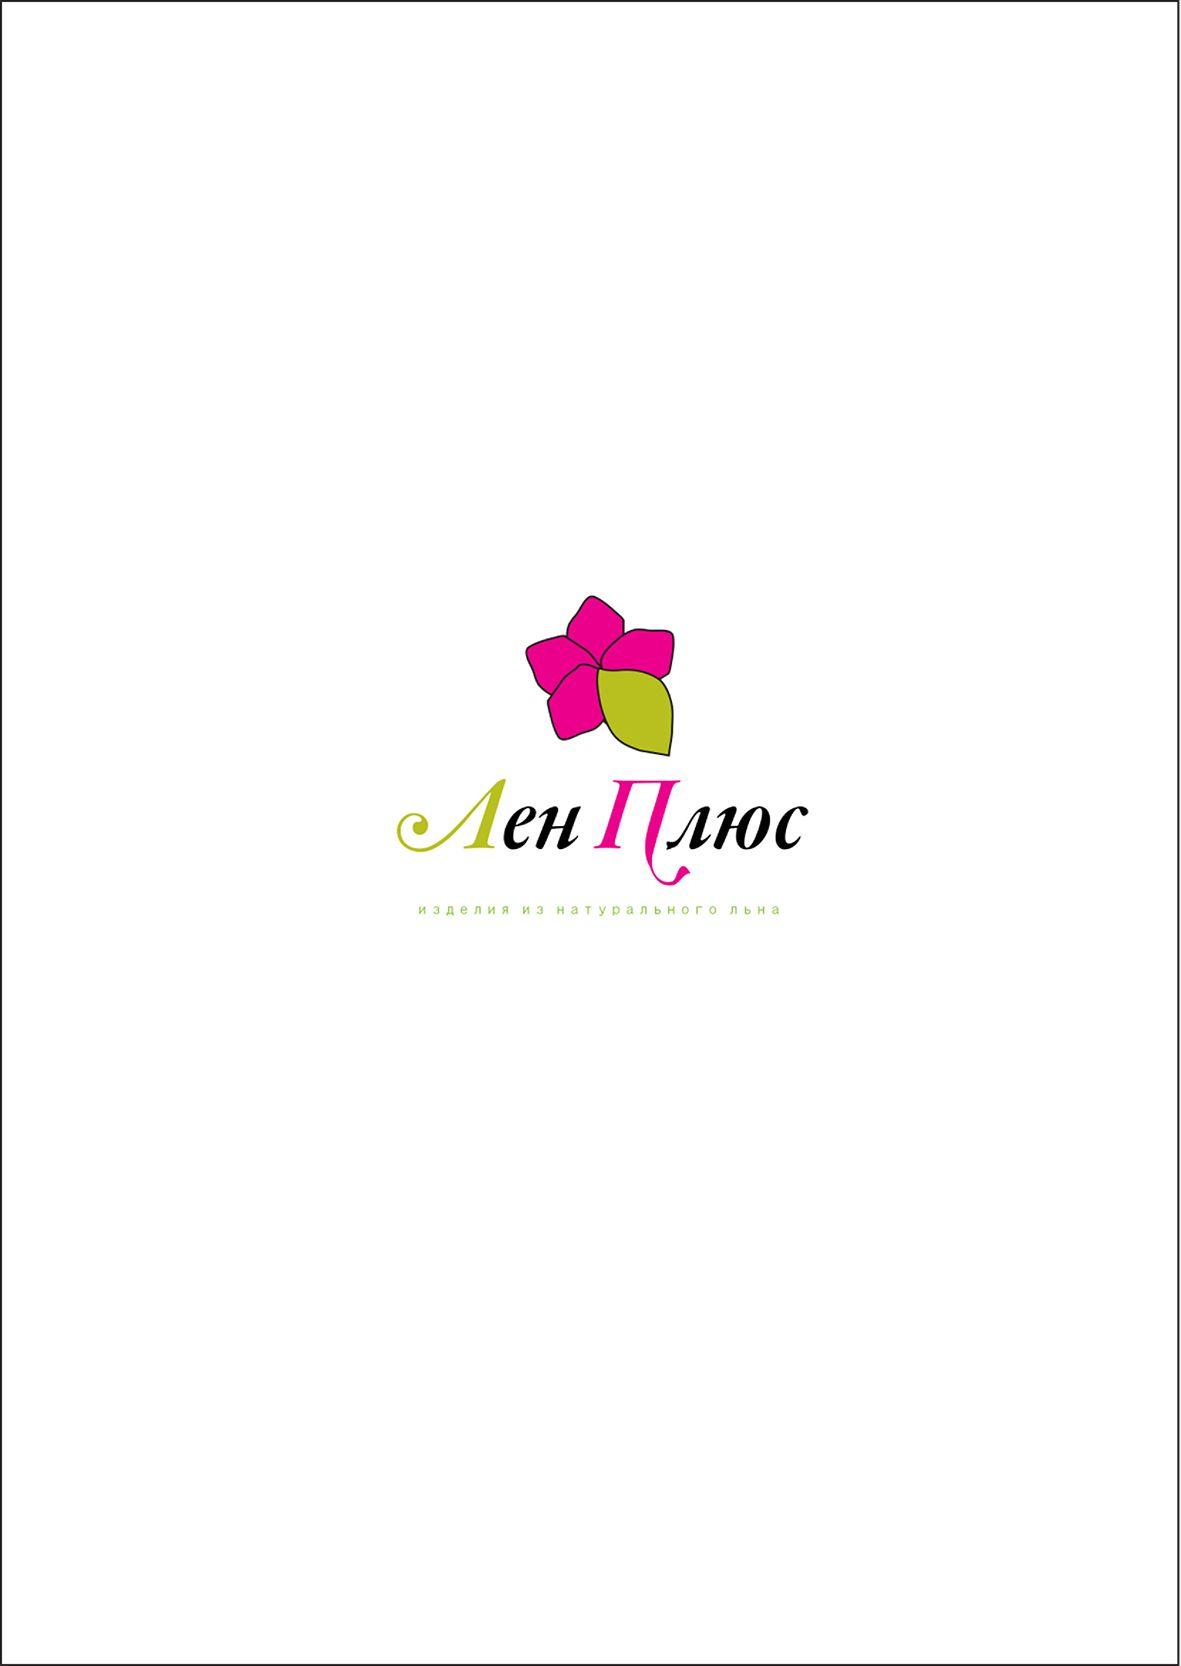 Логотип интернет-магазина ЛенПлюс - дизайнер kalashnikov13